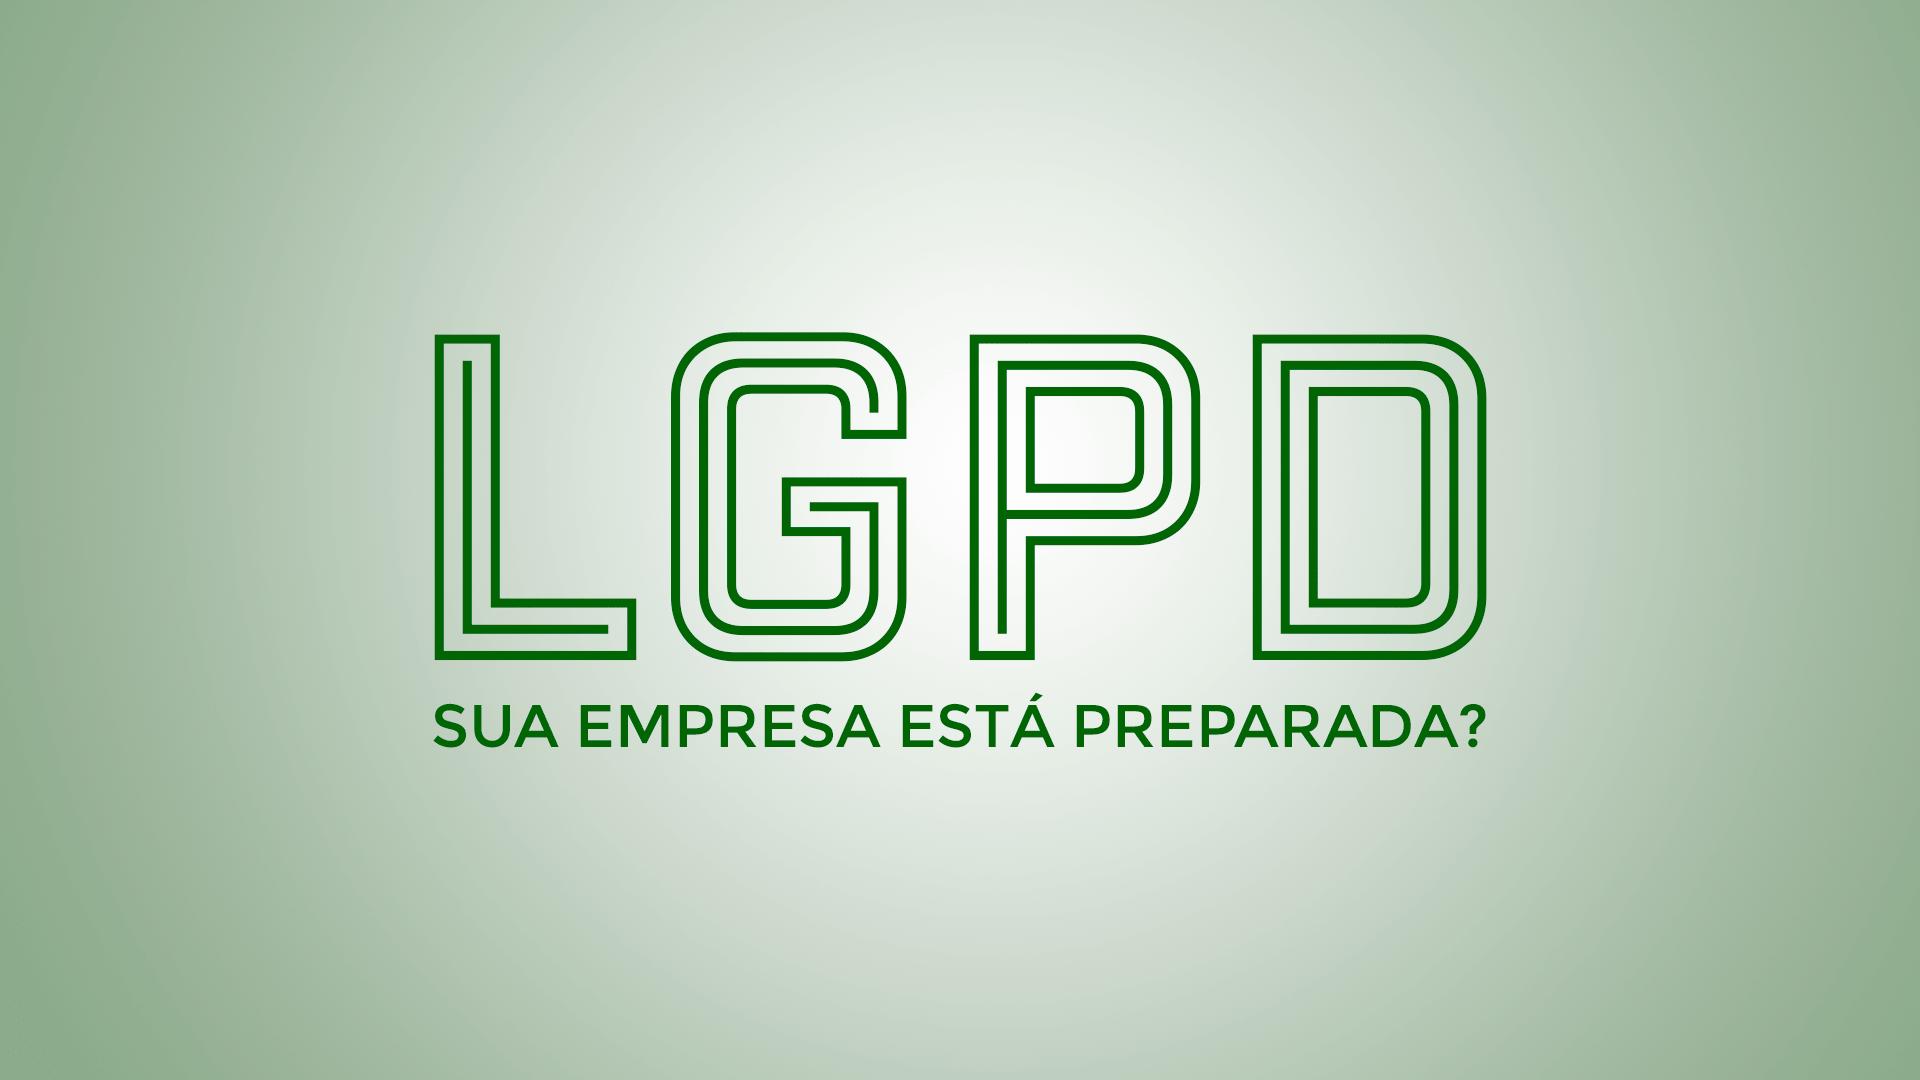 LGPD-sua-empresa-esta-preparada-min